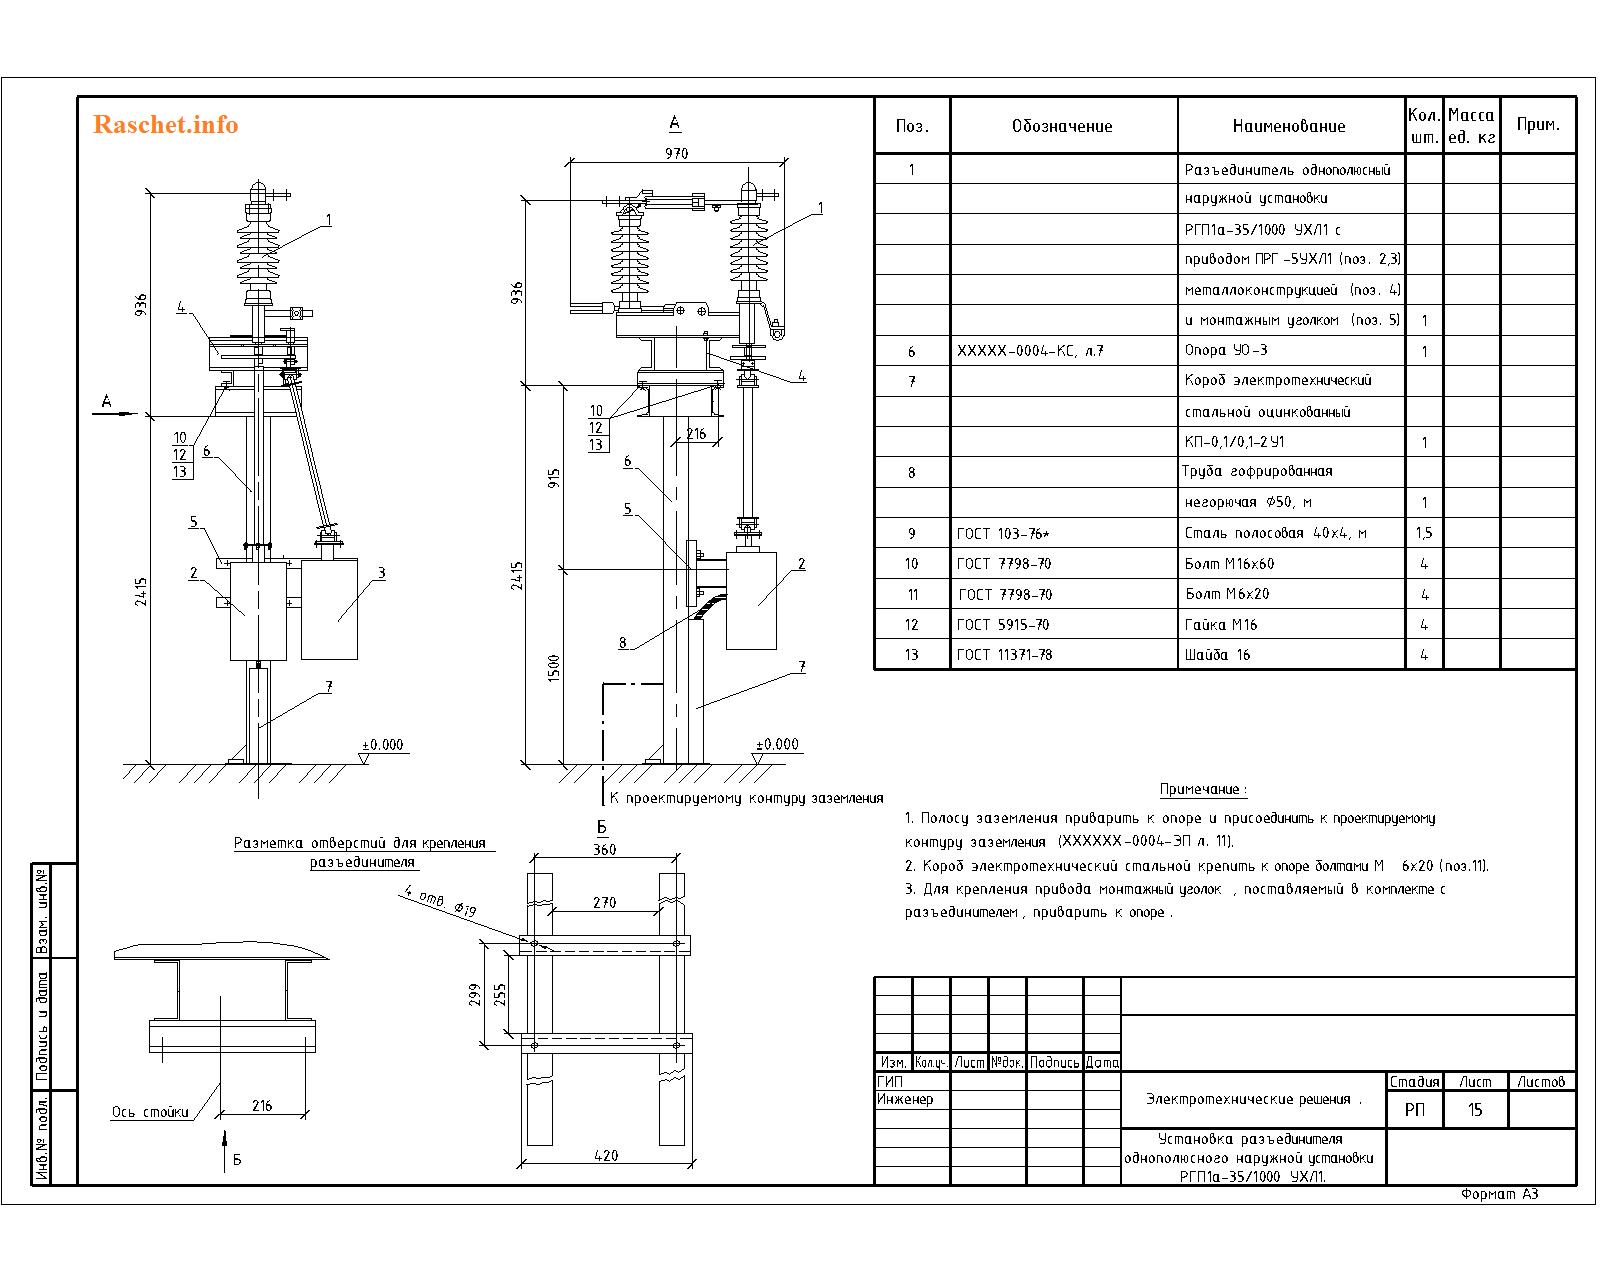 Установочный чертеж разъединителя РГП1а-35/1000 УХЛ1 в формате DWG